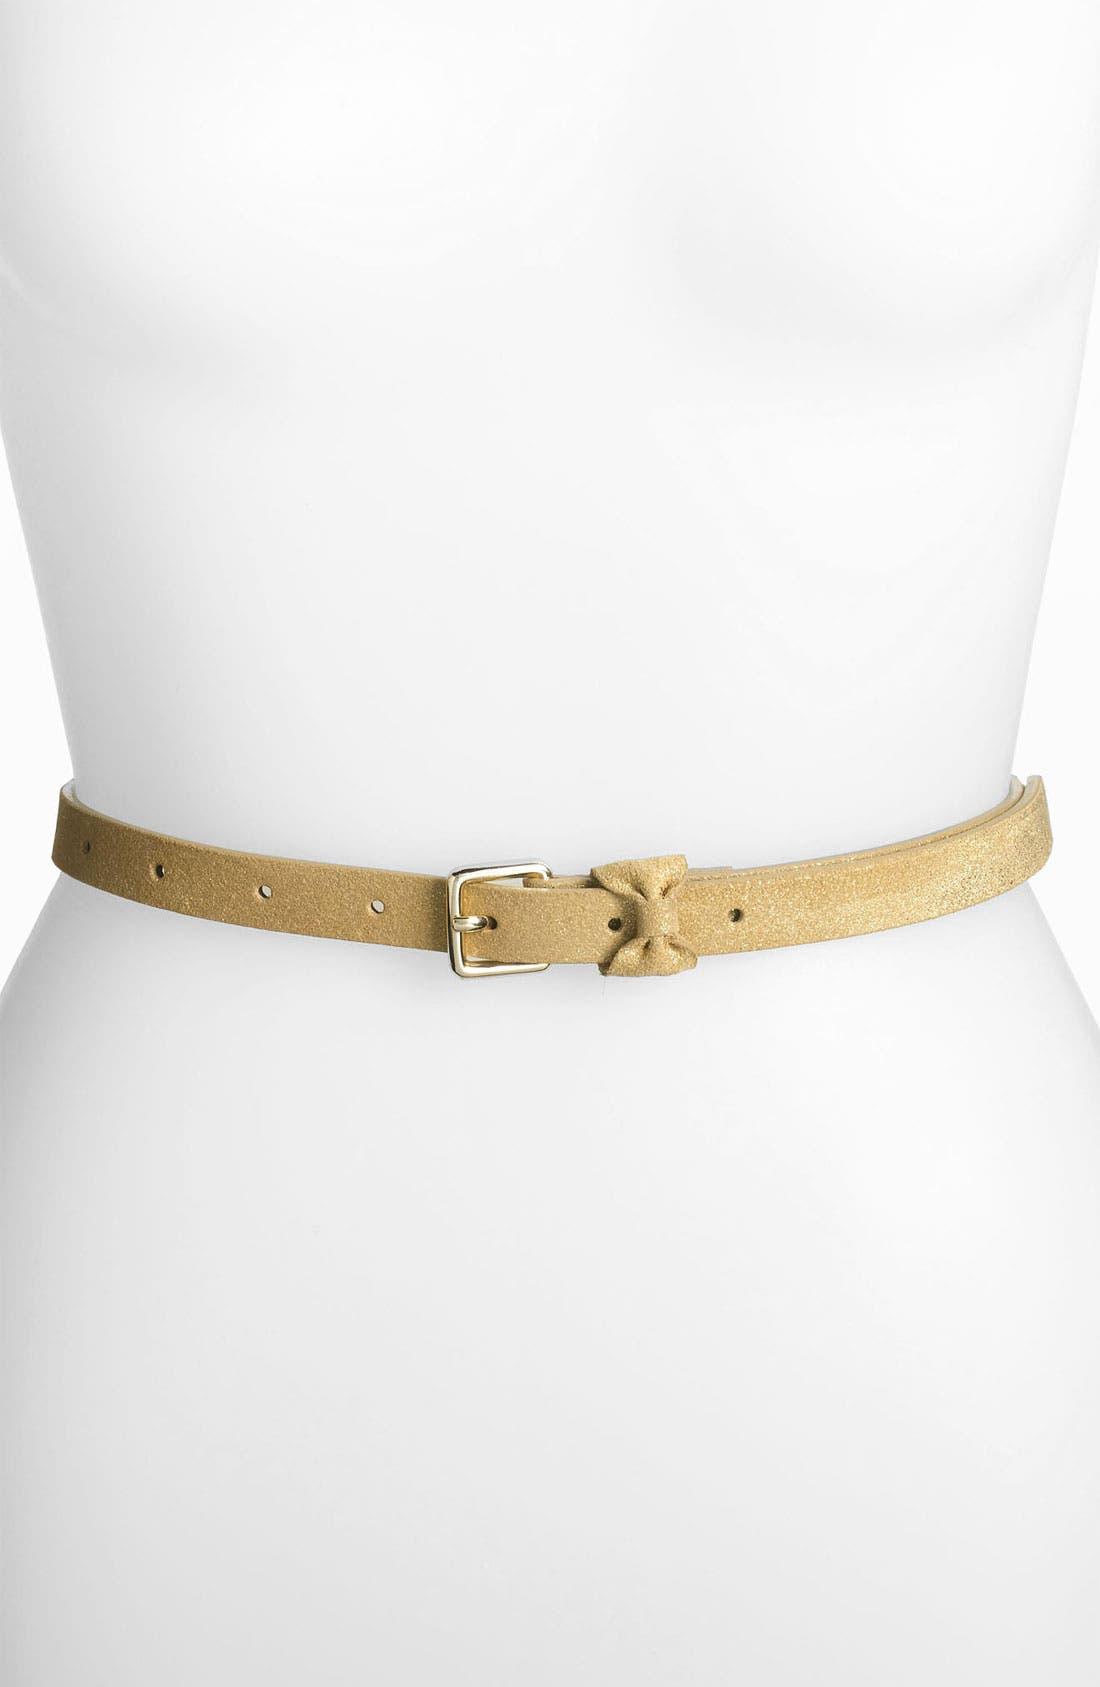 Alternate Image 1 Selected - Halogen® 'Sparkle Bow' Leather Belt